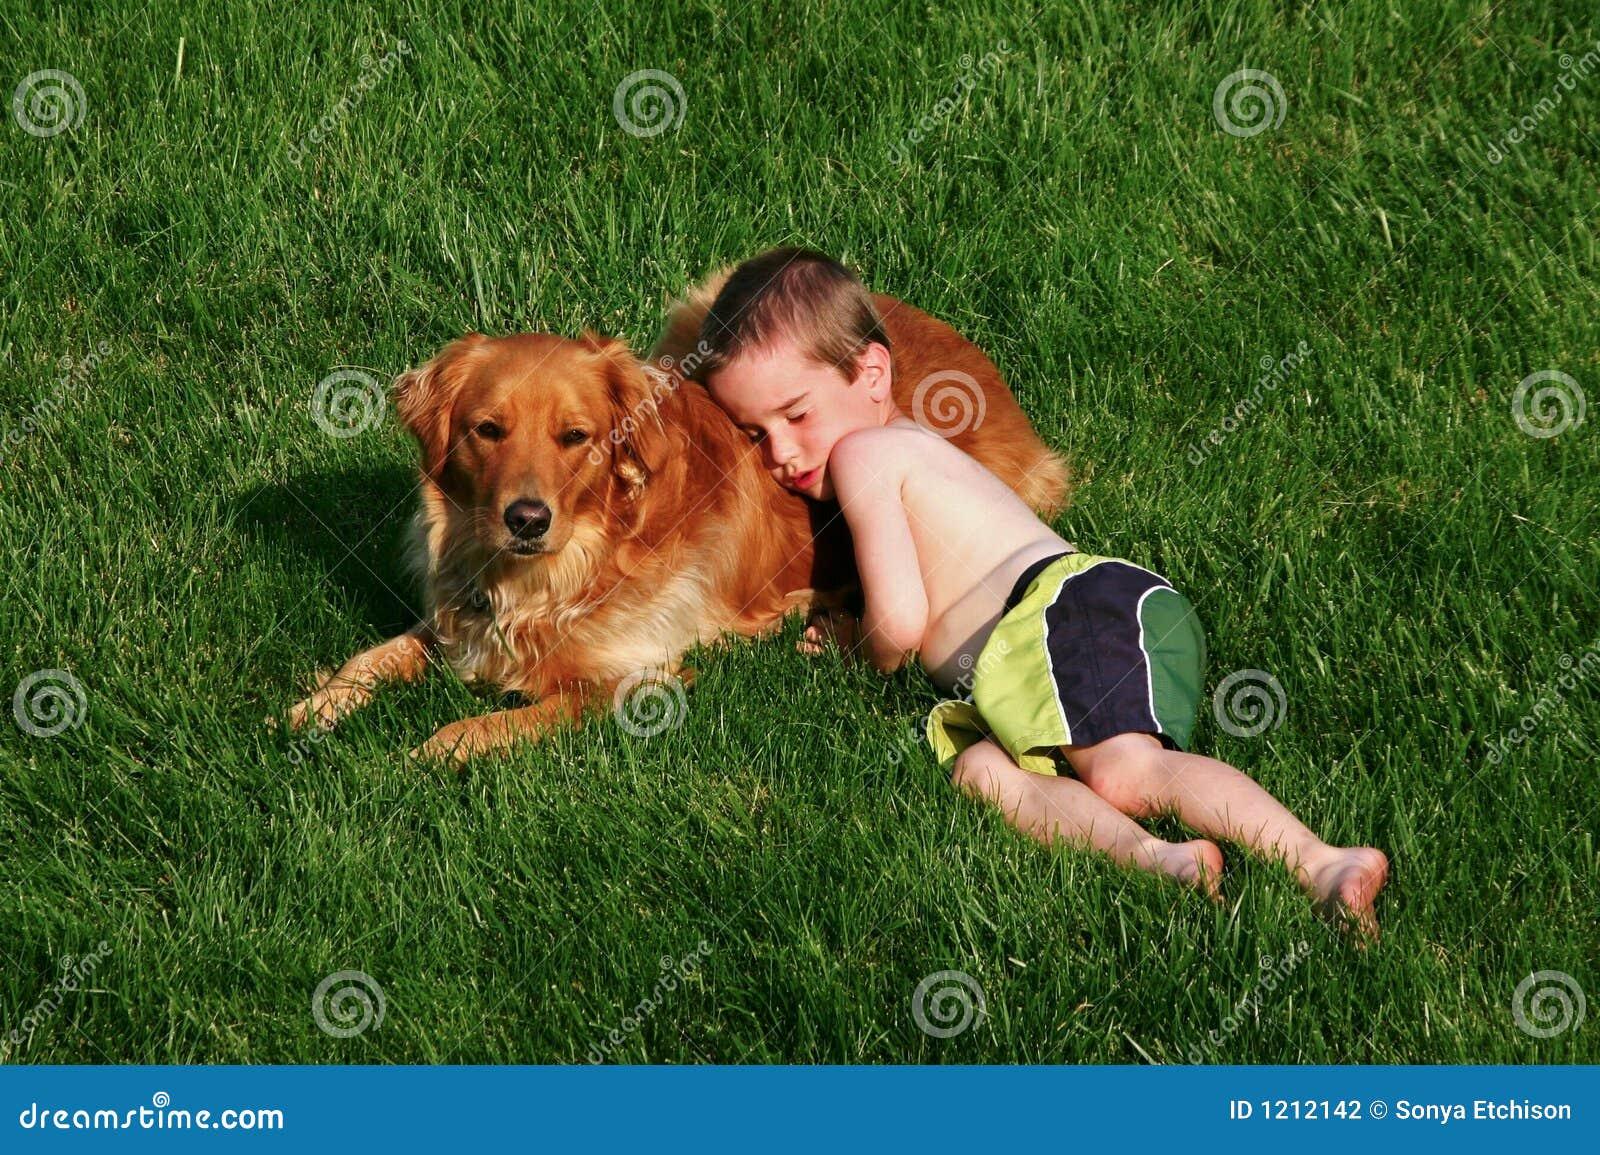 Junge Der Auf Hund Schl Ft Stockfotografie Bild 1212142